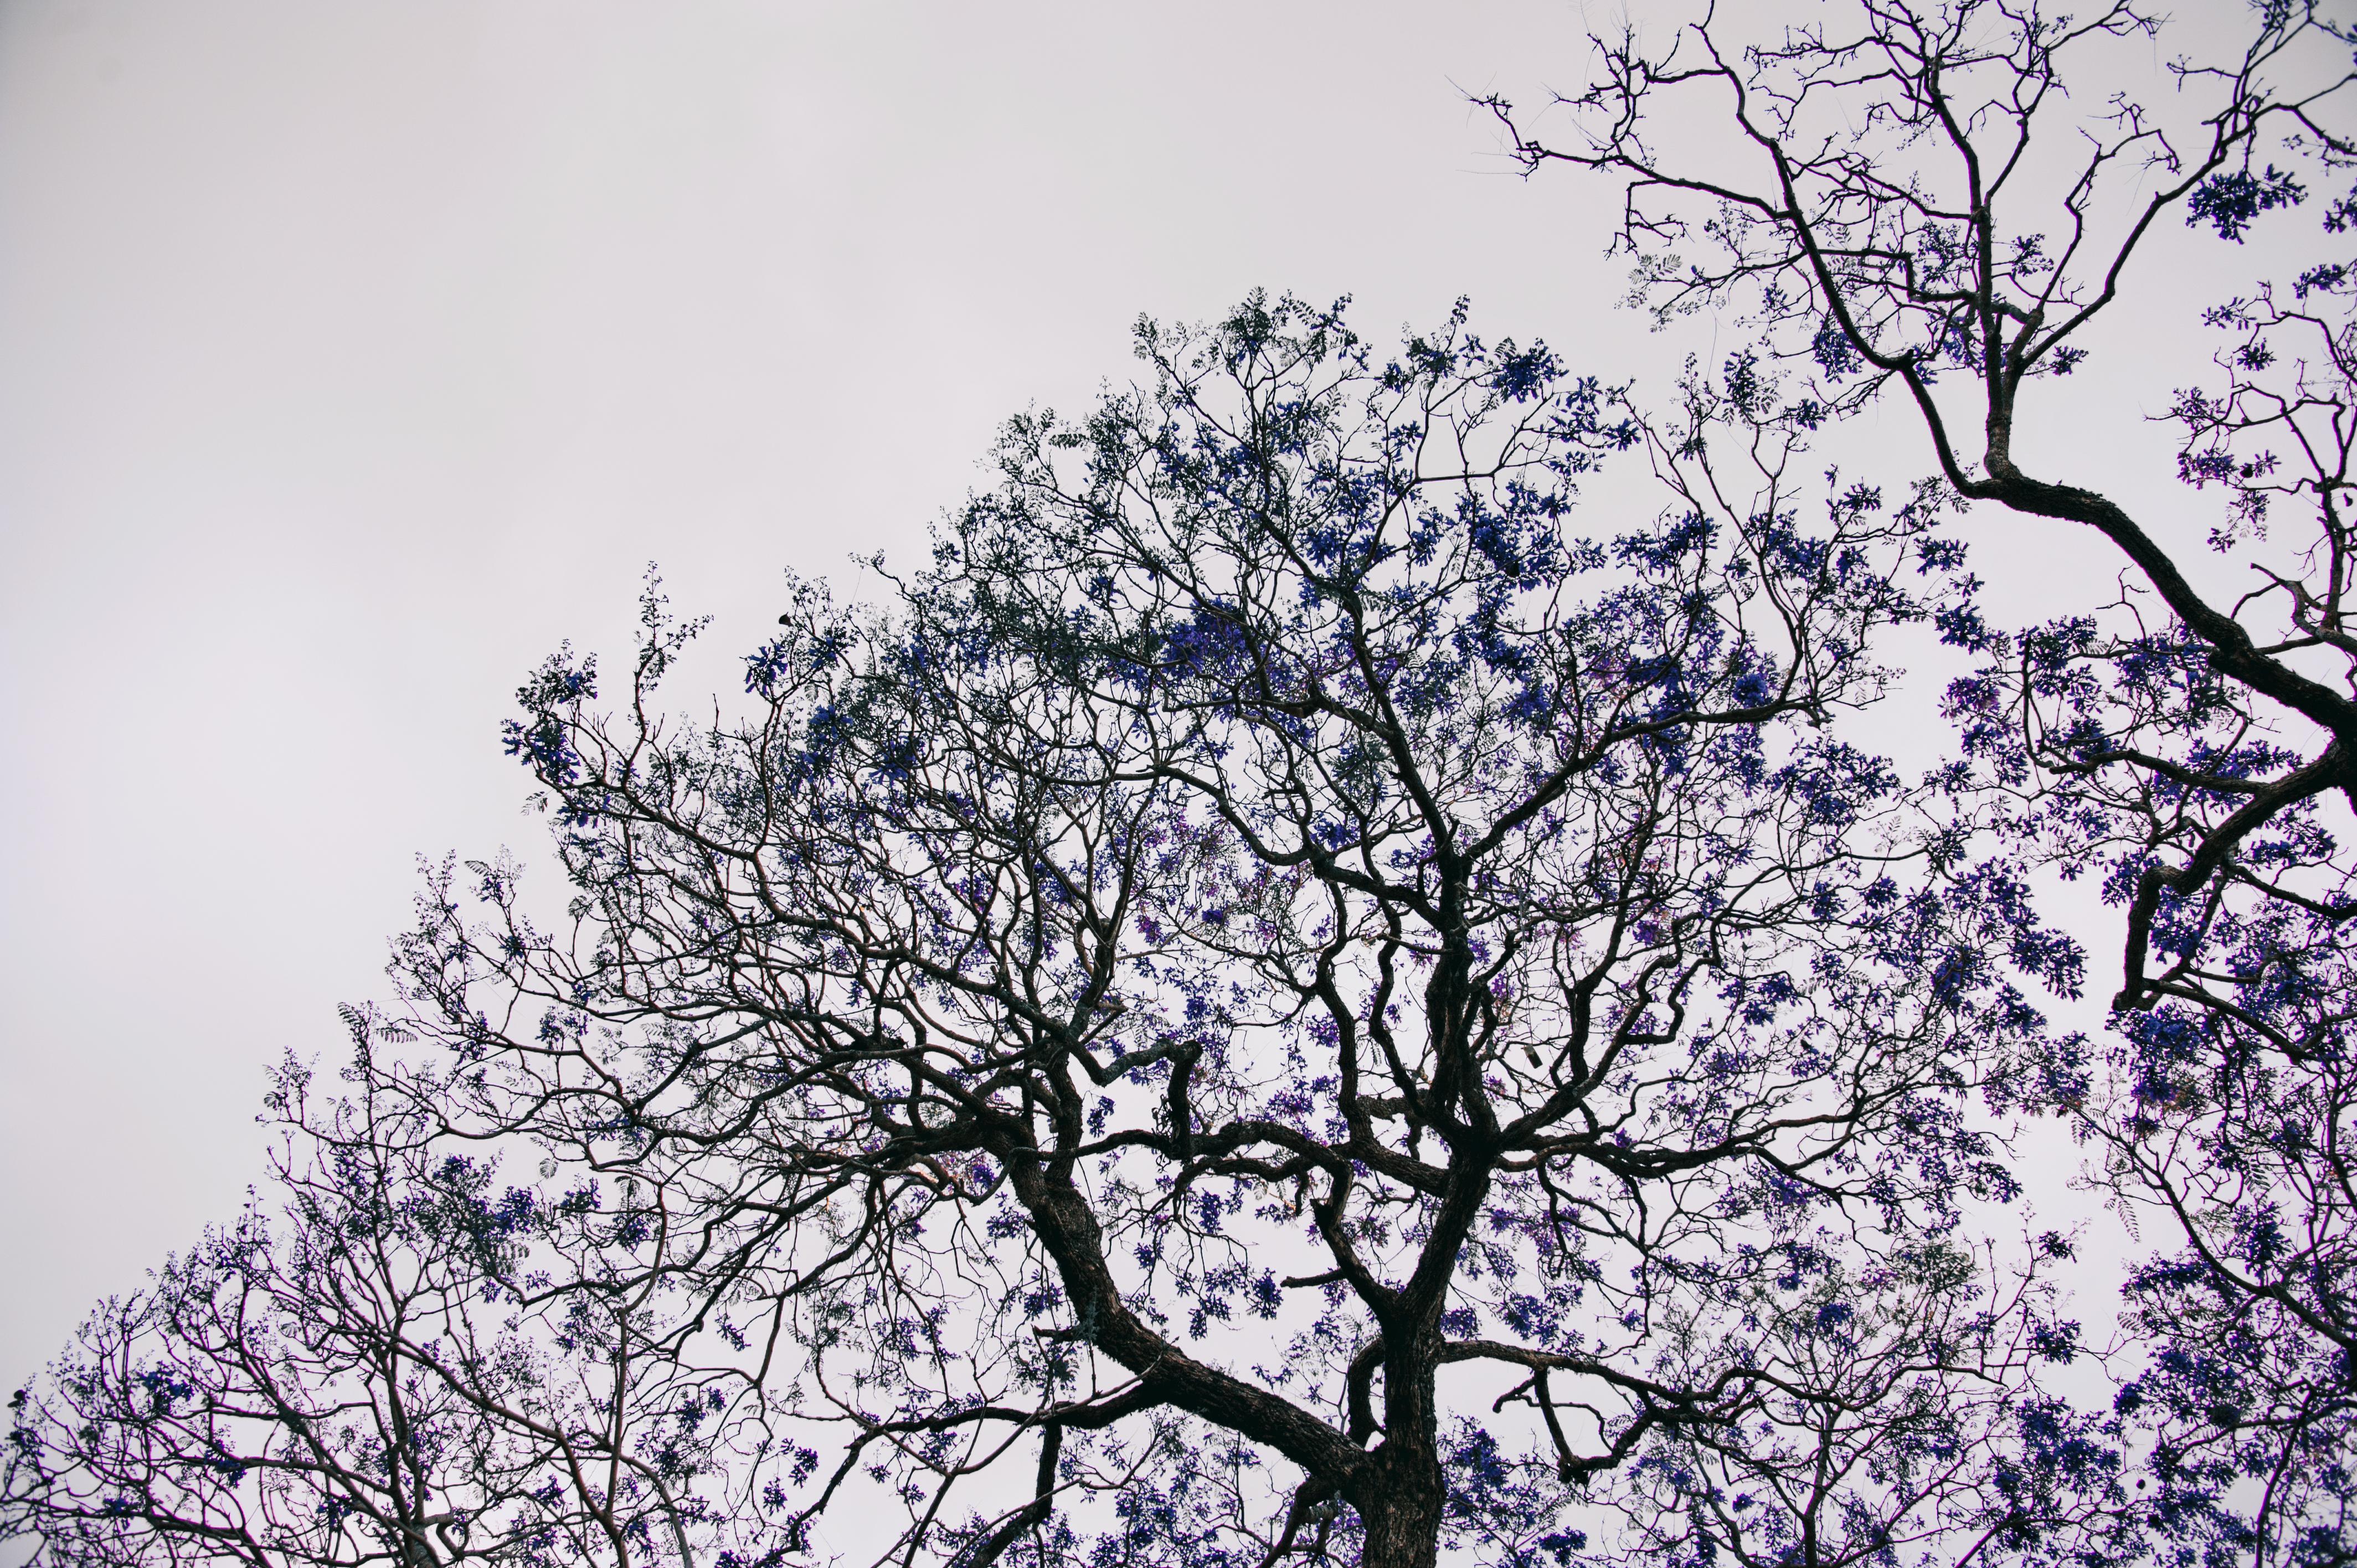 Gratis billeder : landskab, naturlig, træ, afdeling, himmel, blomst ...